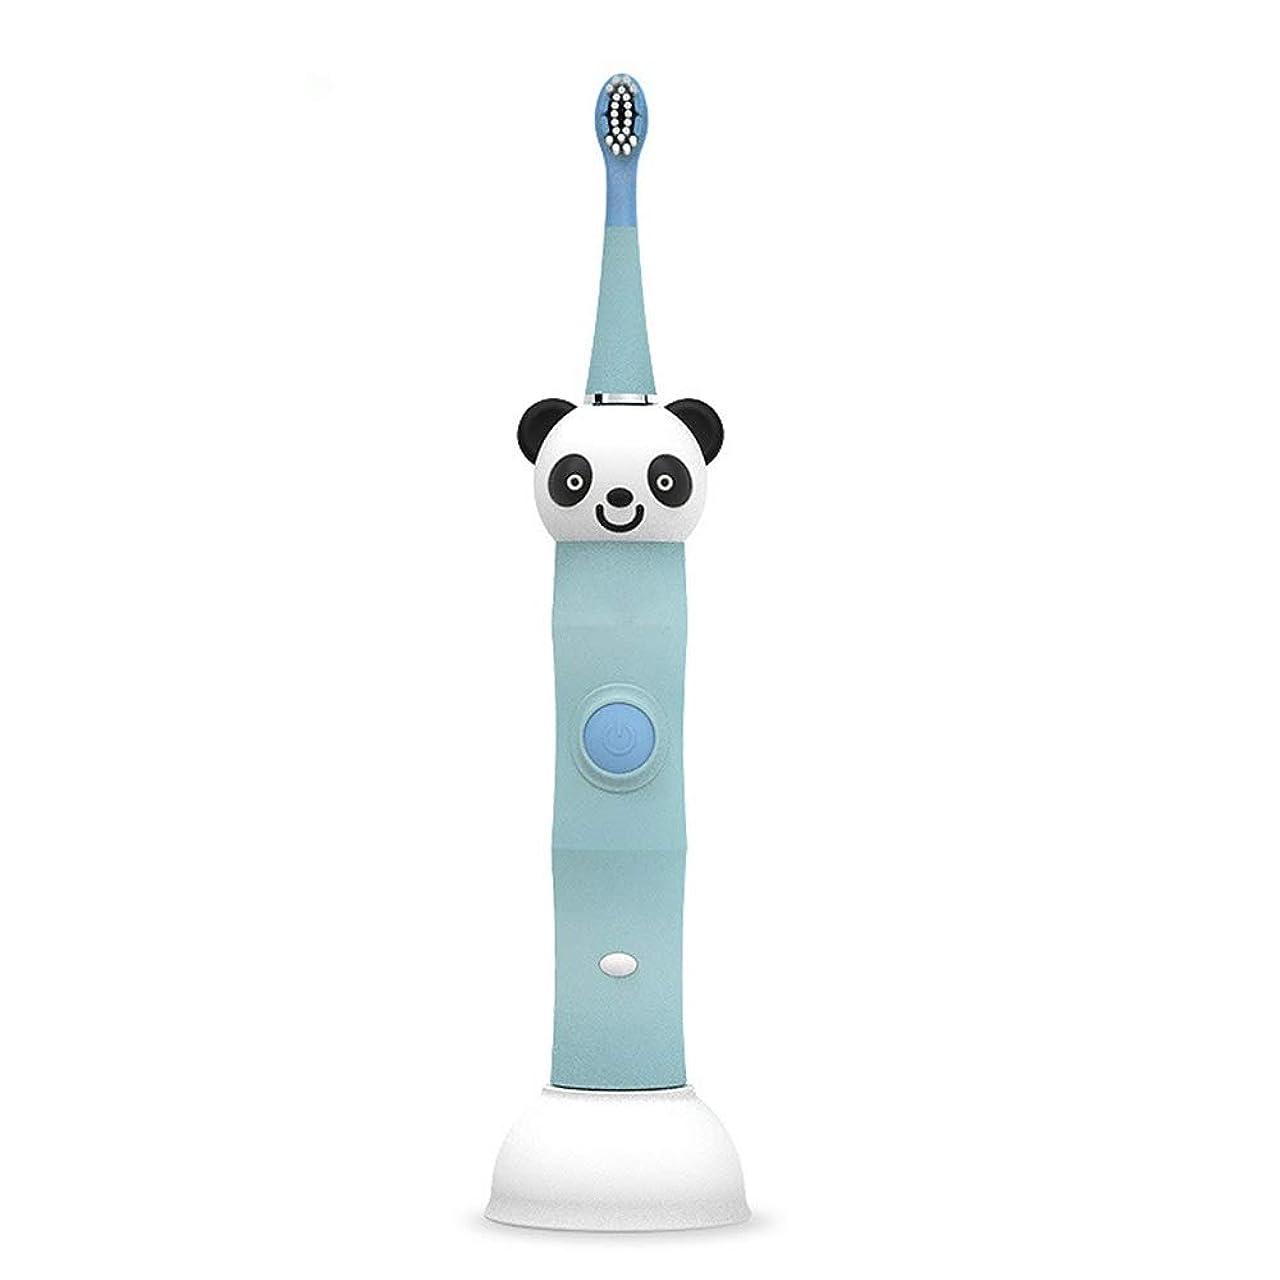 トンネル契約する用量電動歯ブラシ USBの充満基盤の柔らかい毛のきれいな歯ブラシと防水子供の電動歯ブラシ ケアー プロテクトクリーン (色 : 青, サイズ : Free size)